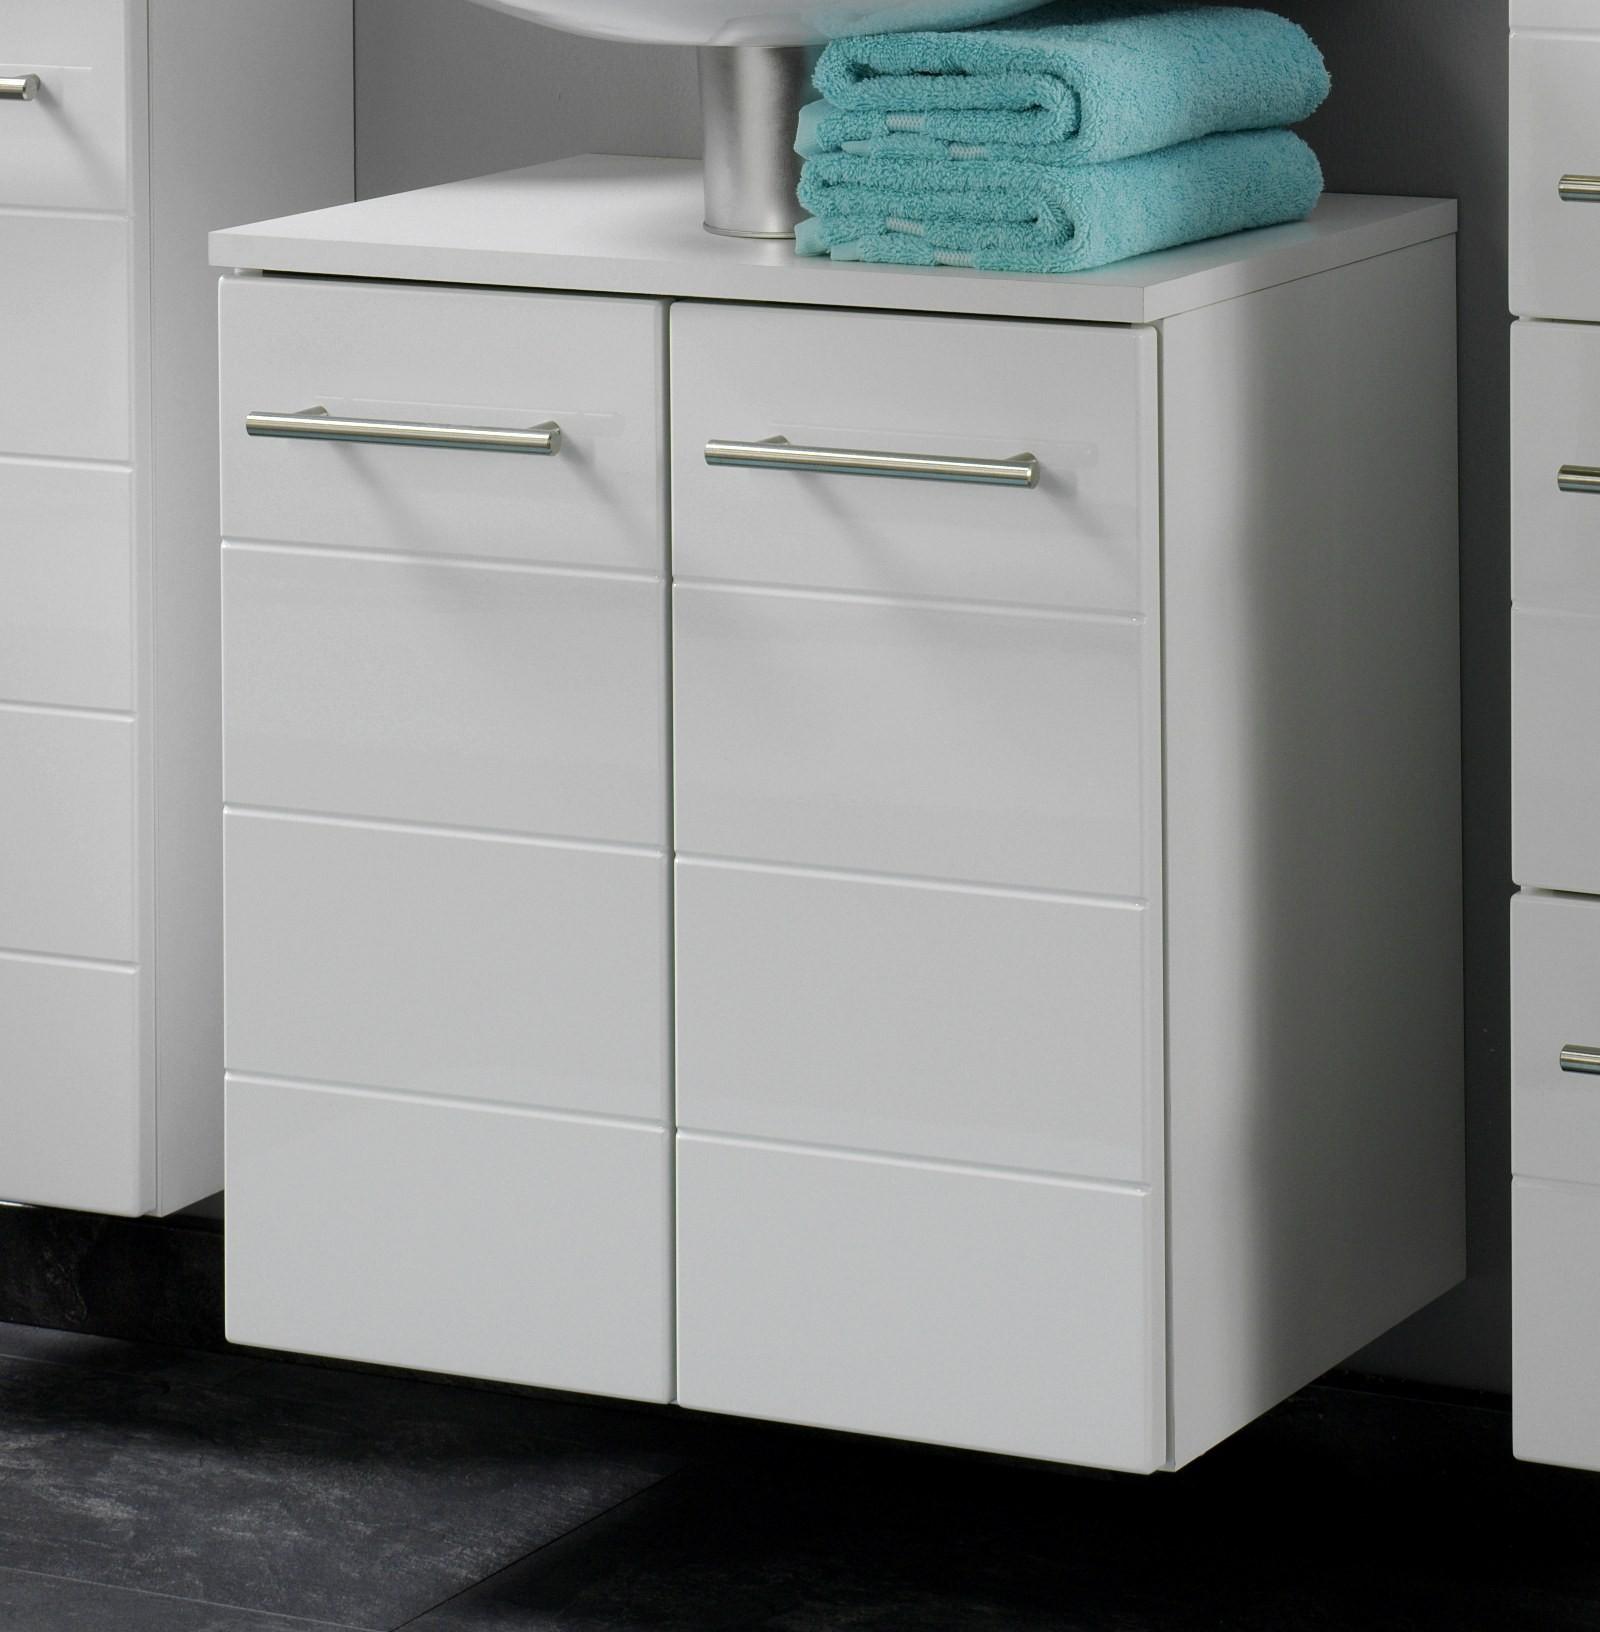 bad waschbeckenunterschrank rimini 2 t rig 50 cm breit hochglanz wei bad. Black Bedroom Furniture Sets. Home Design Ideas